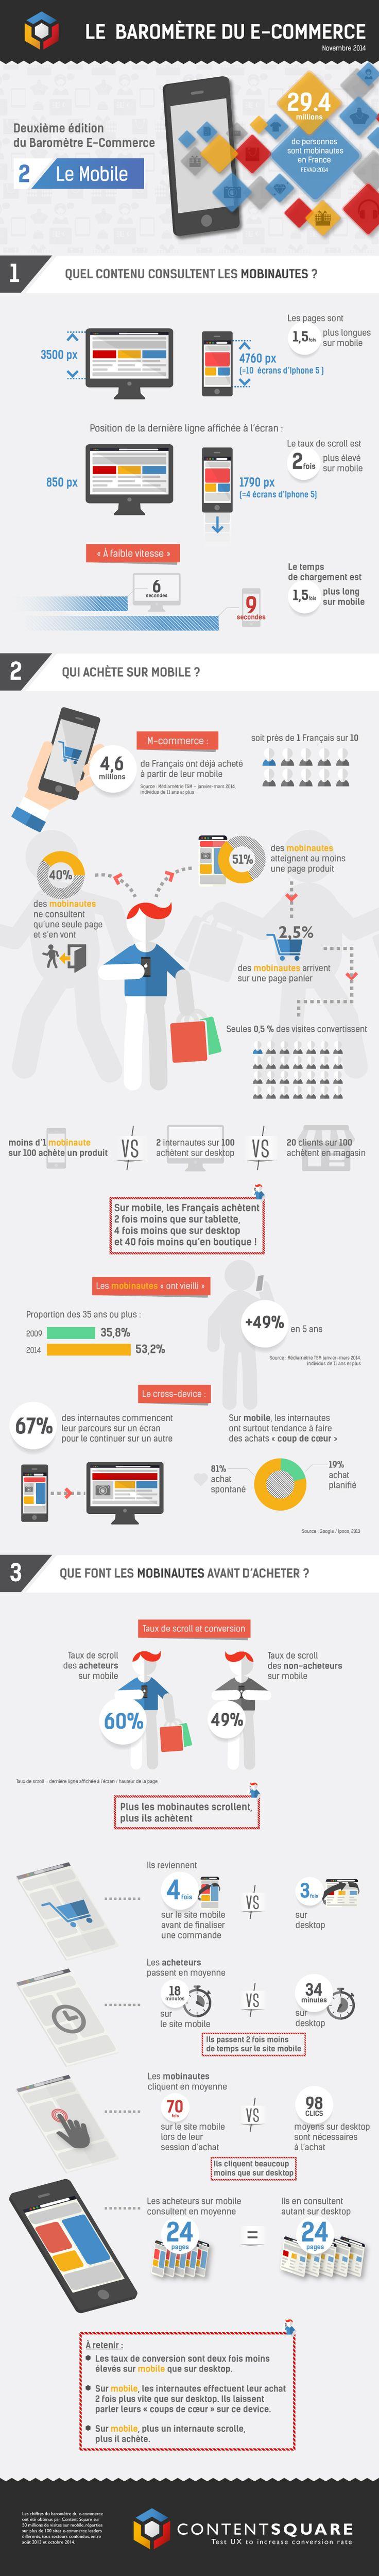 Baromètre du ecommerce sur mobile en France (Source : Content Square - Novembre 2014)